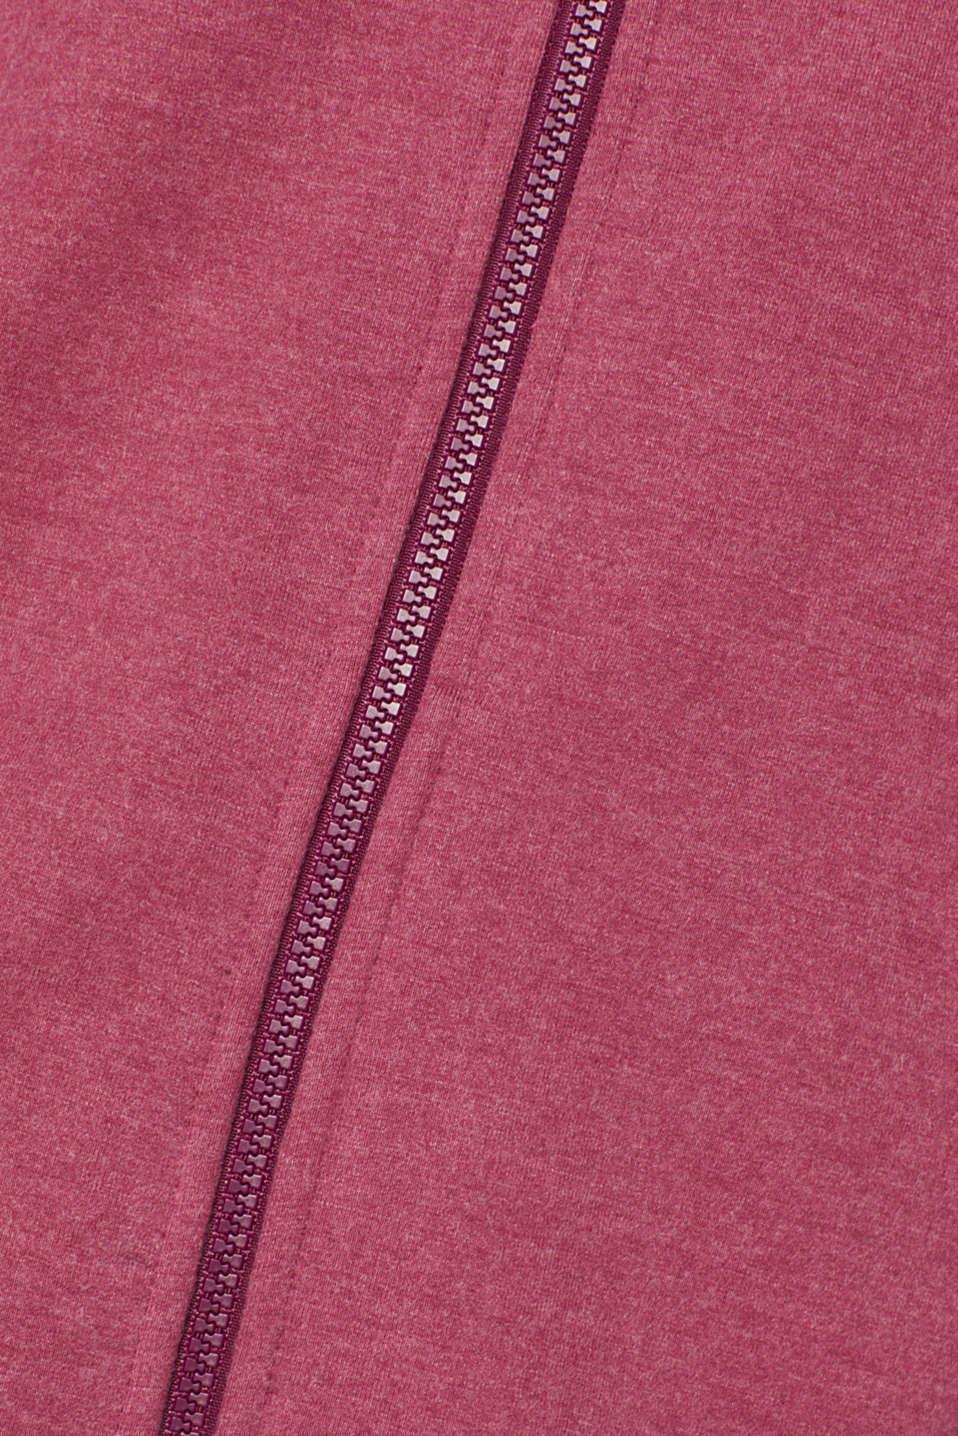 Hooded sweatshirt cardigan, PLUM RED 2, detail image number 4